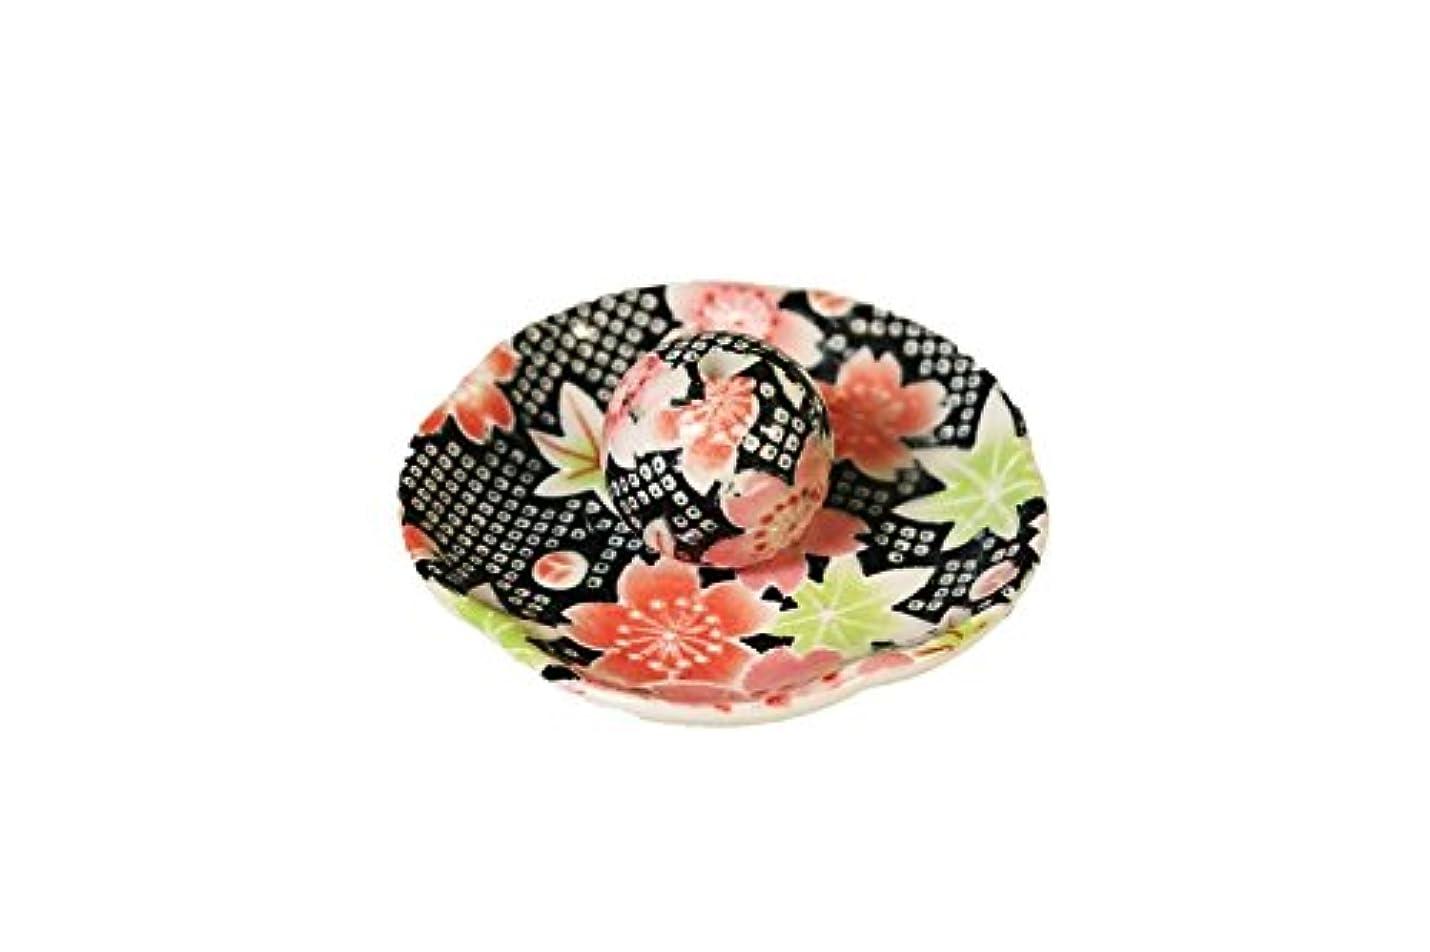 進捗論理モスクかのこ友禅 花形香皿 お香立て お香たて 日本製 ACSWEBSHOPオリジナル